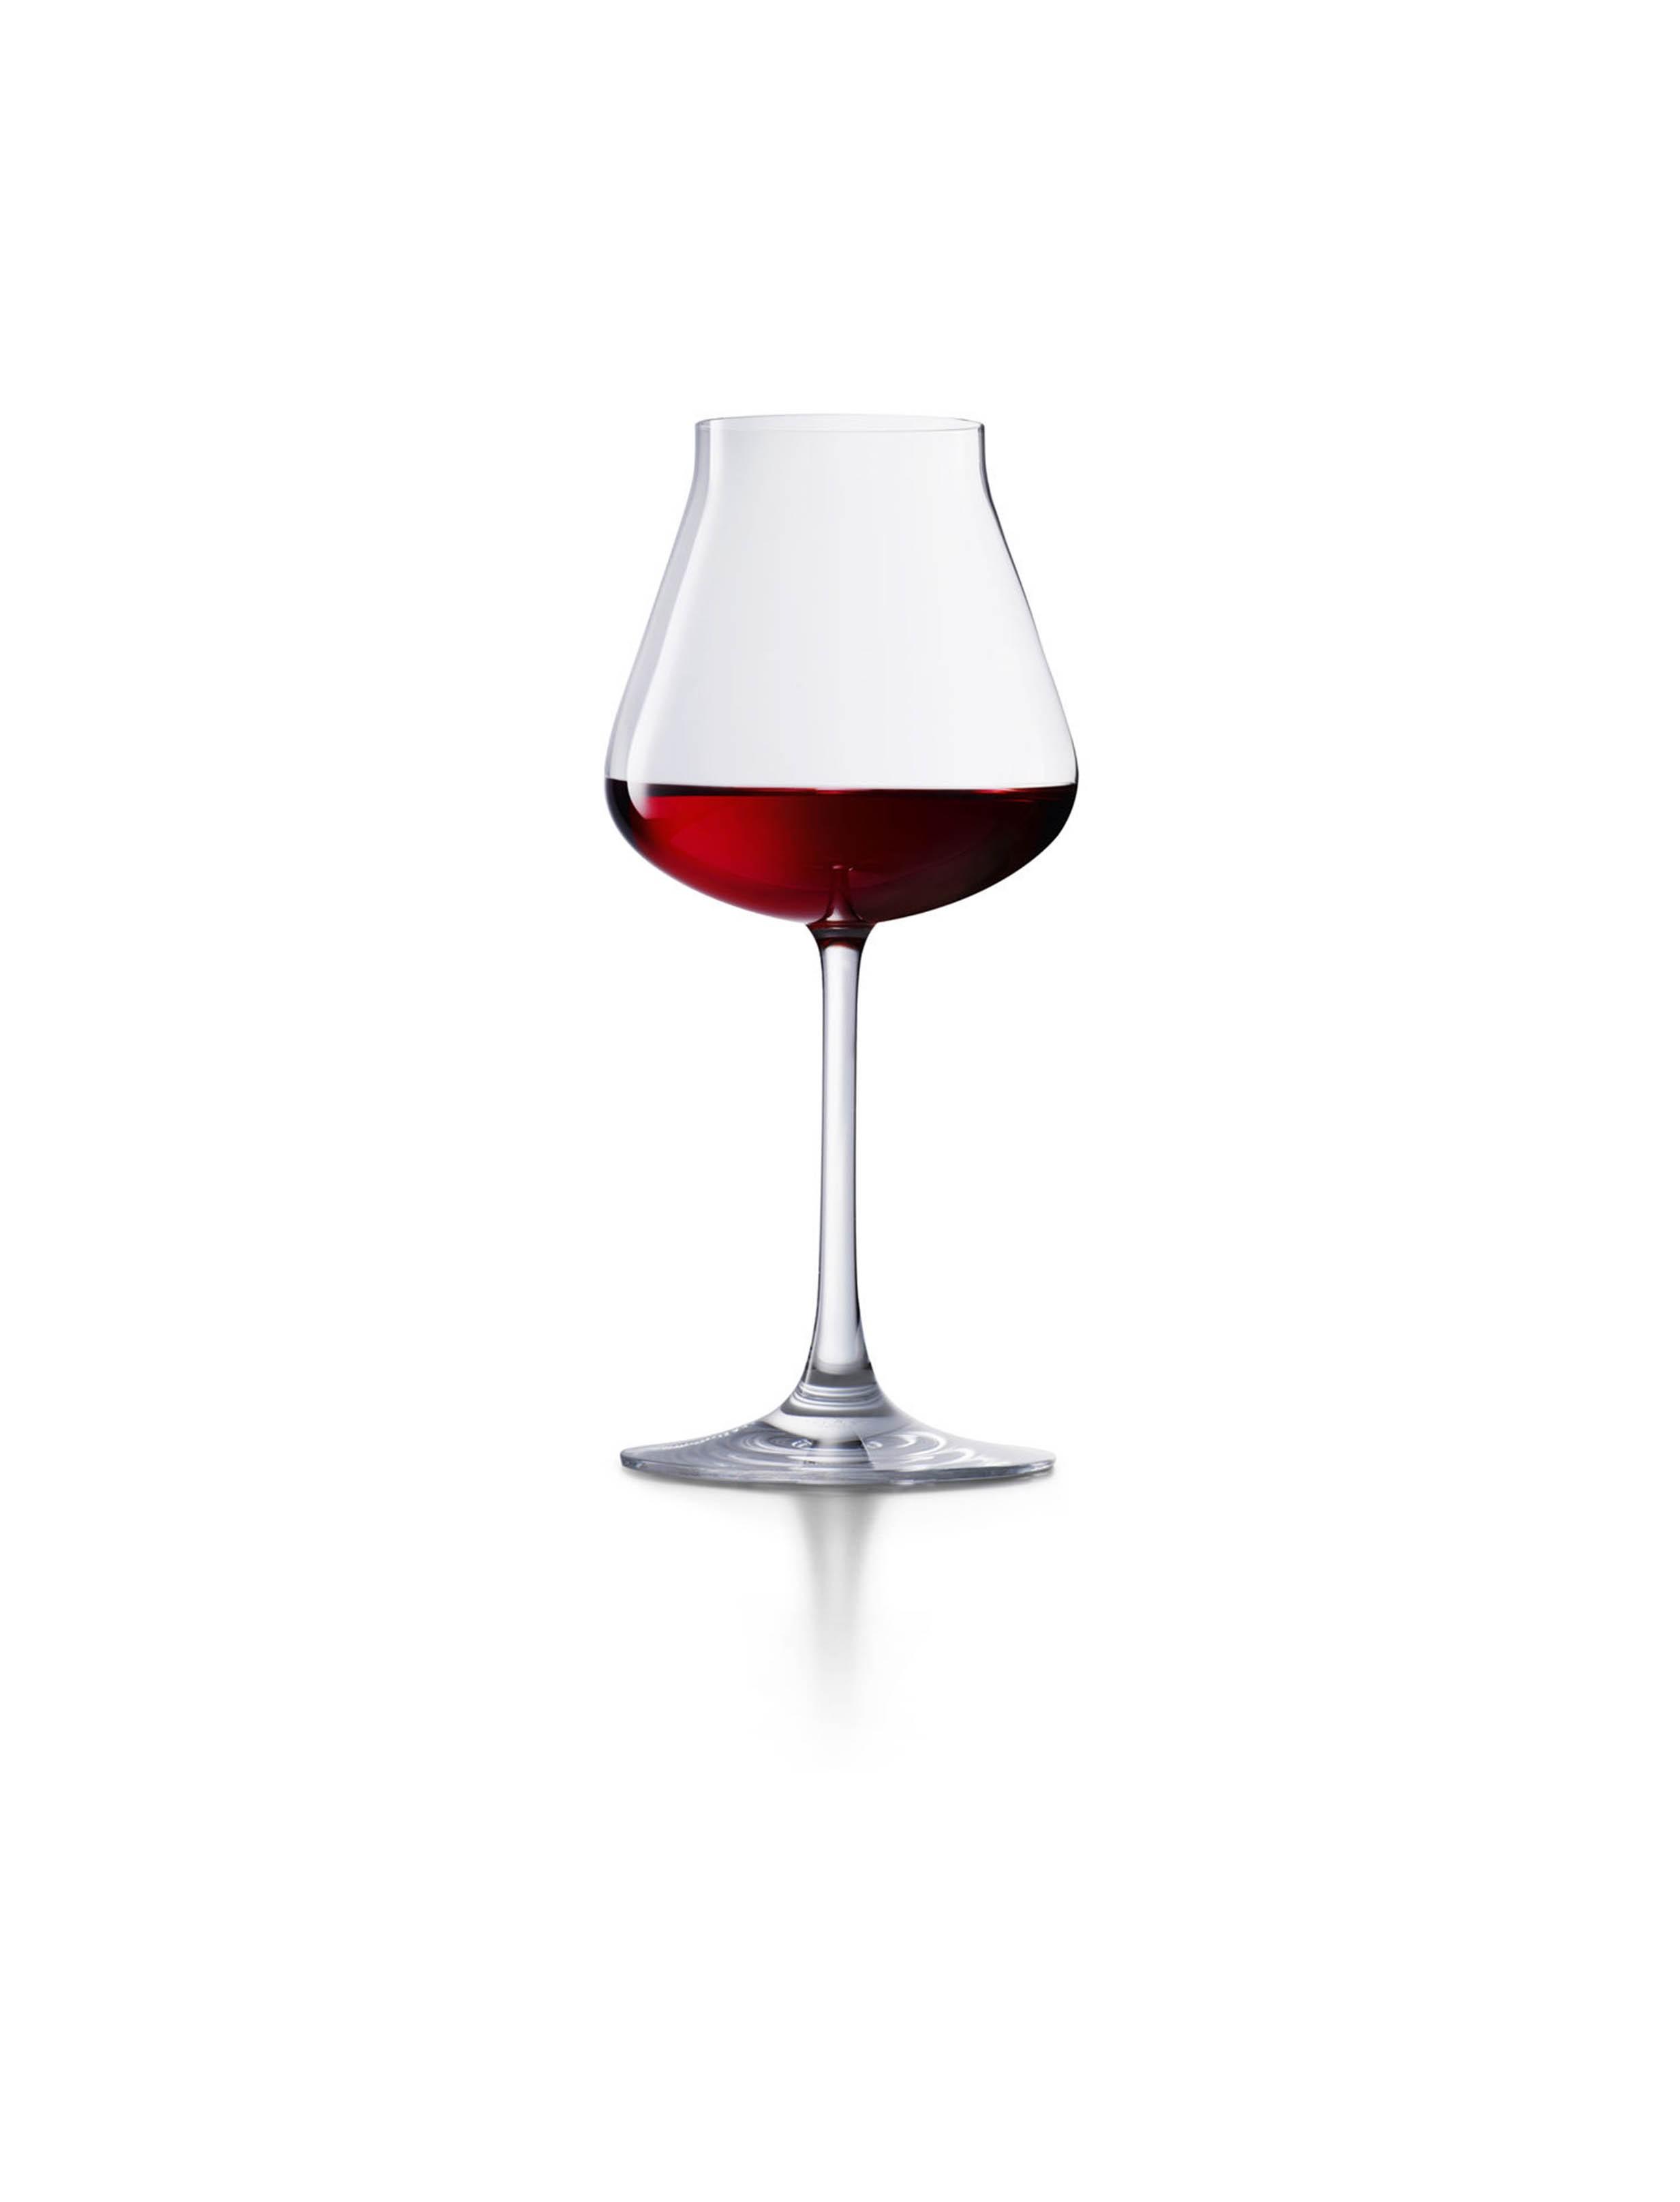 Trouver facilement un bon vin en ligne